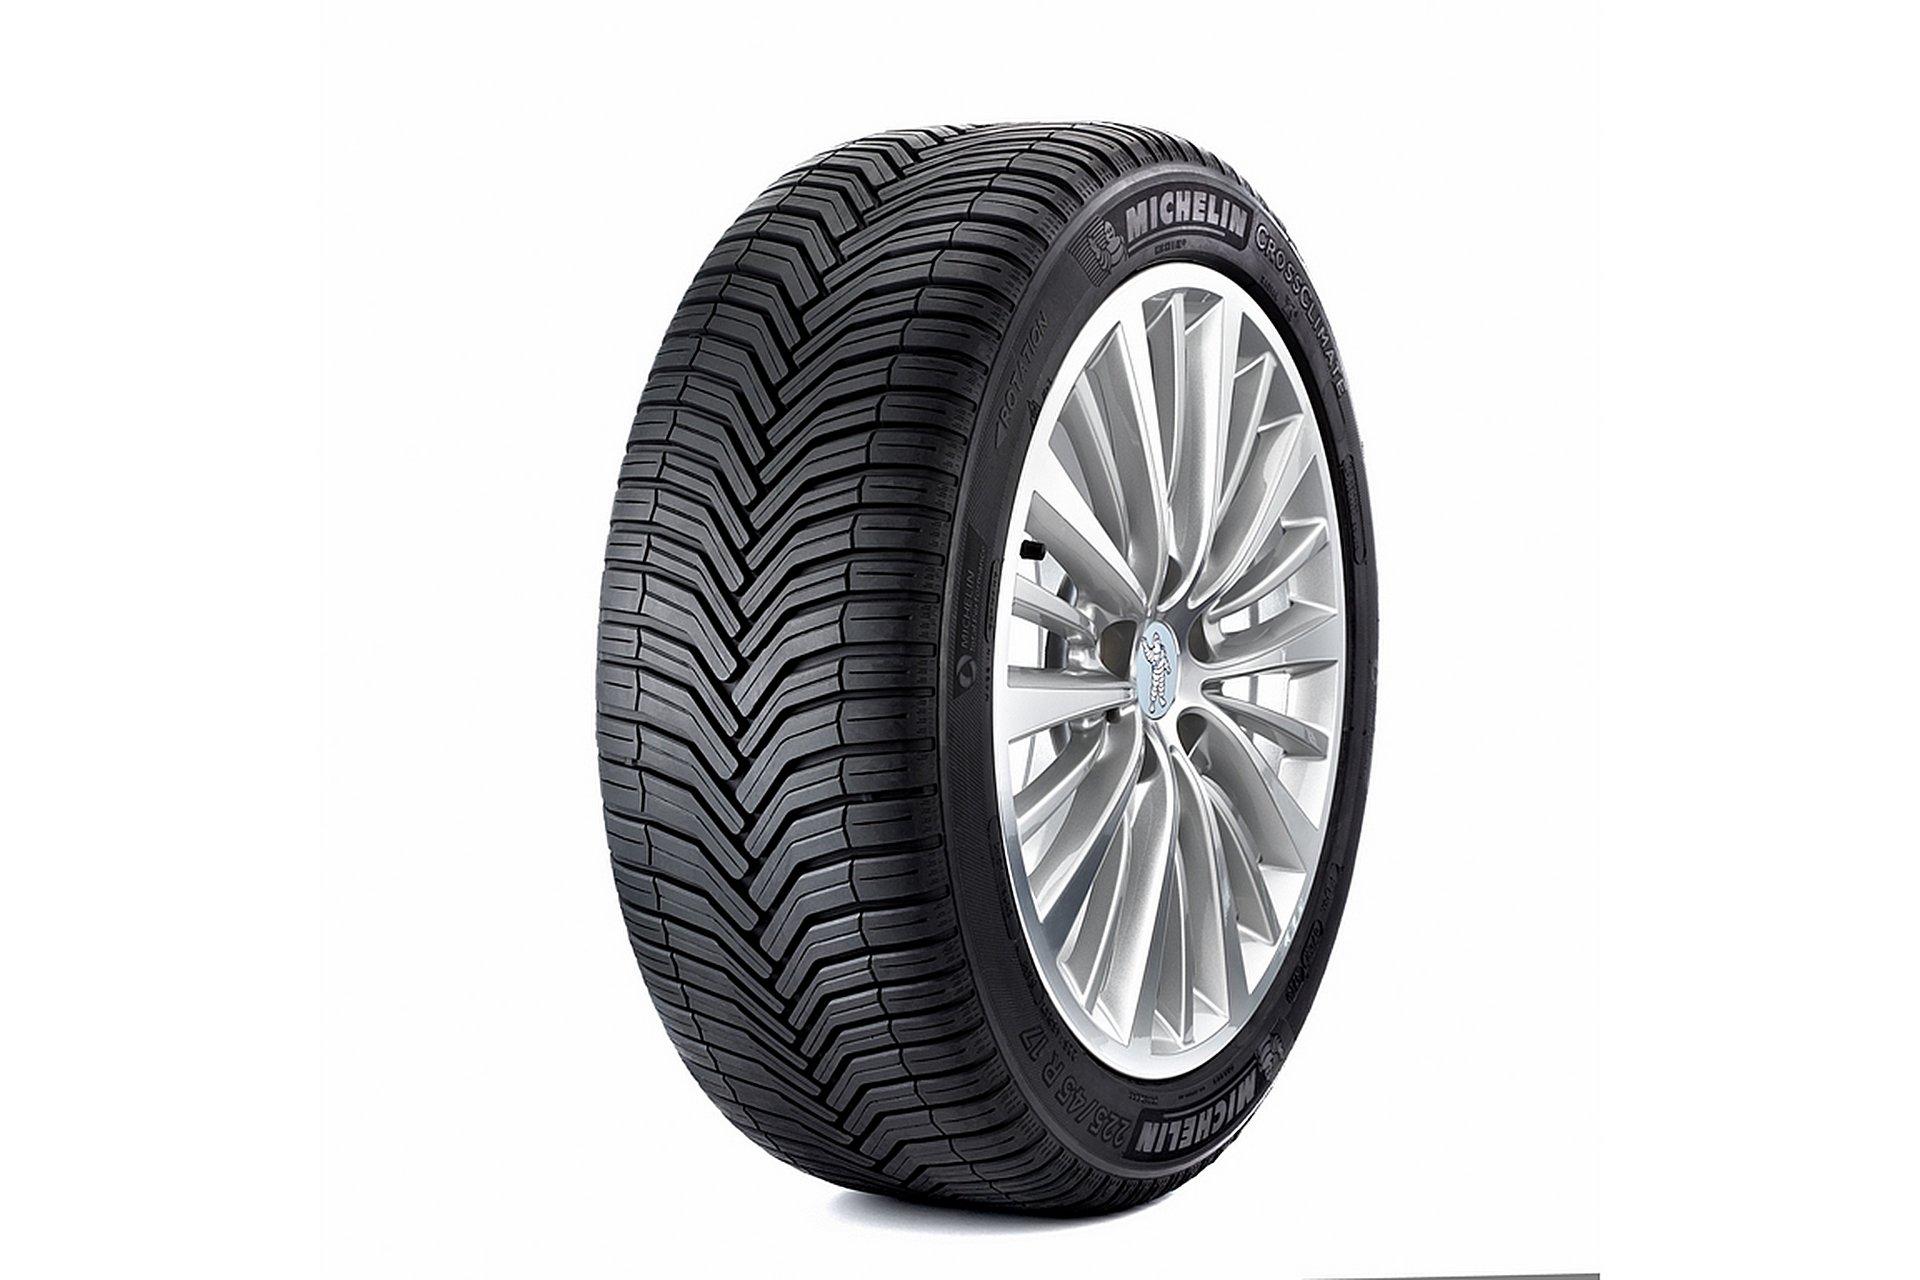 Купить автошины r15 205/55 всесизонные купить зимние шины в спб дешево 215.60.17